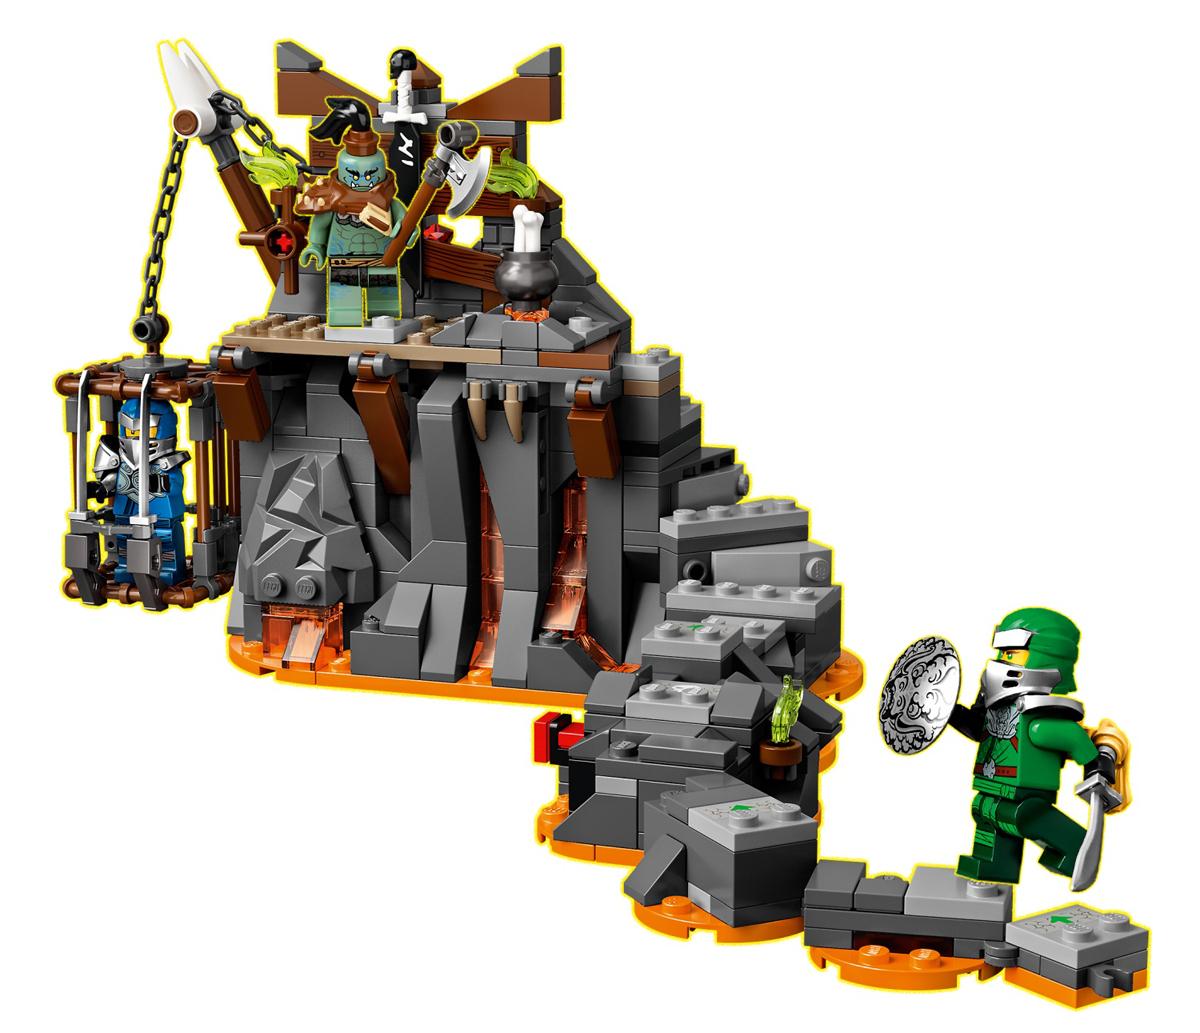 LEGO Ninjago Summer 2020 Set Images Revealed